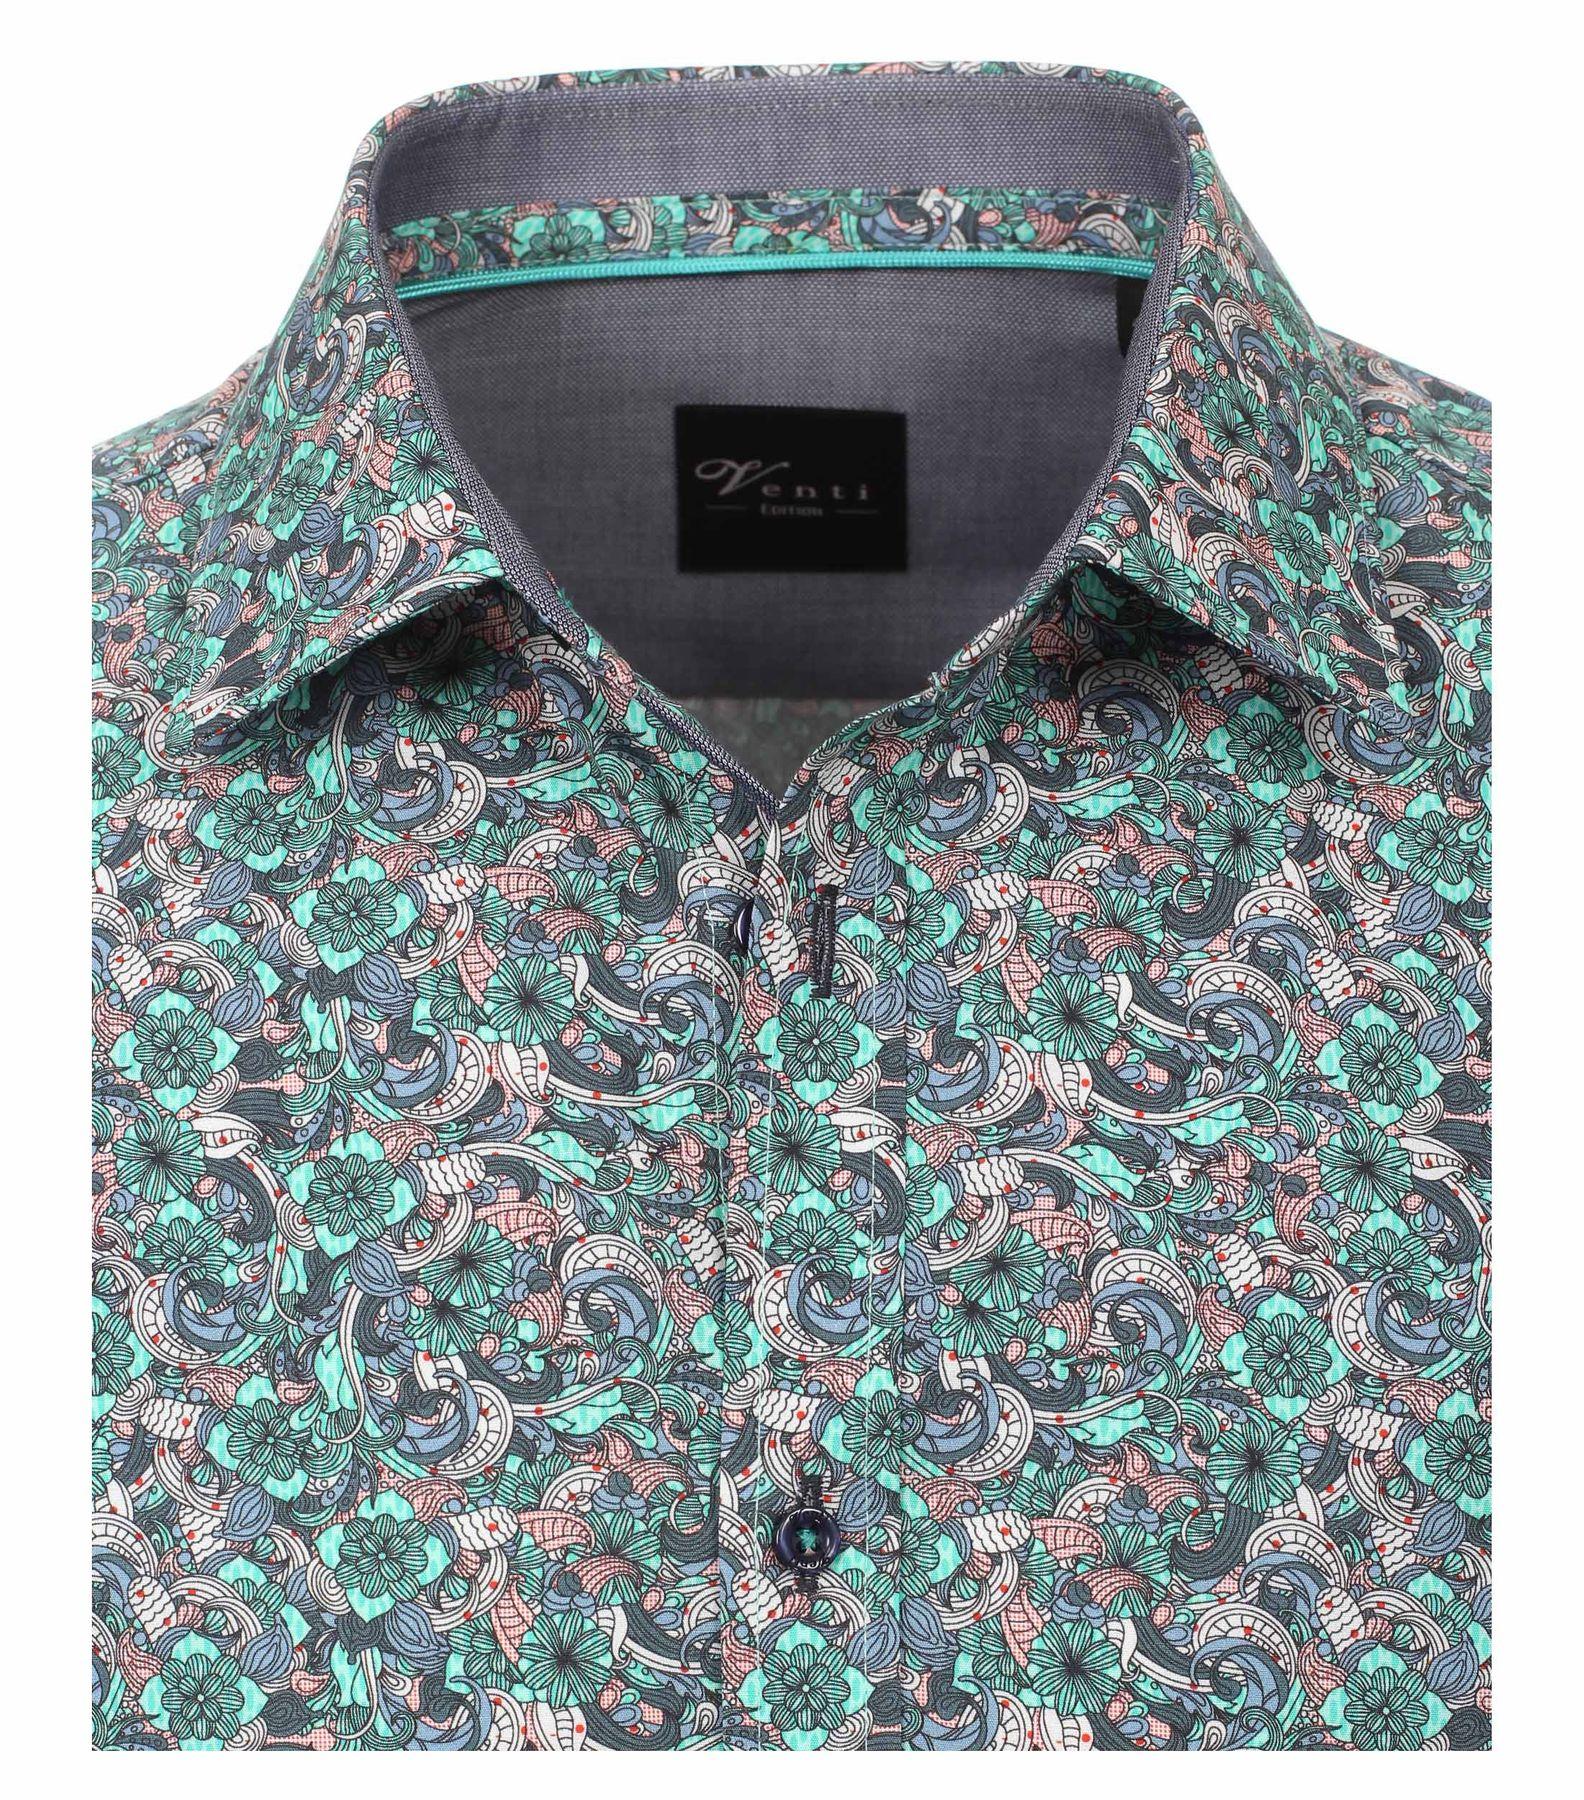 Venti - Slim Fit - Herren Hemd mit modischem Druck aus 100% Baumwolle mit Kent Kragen (172660200) – Bild 3